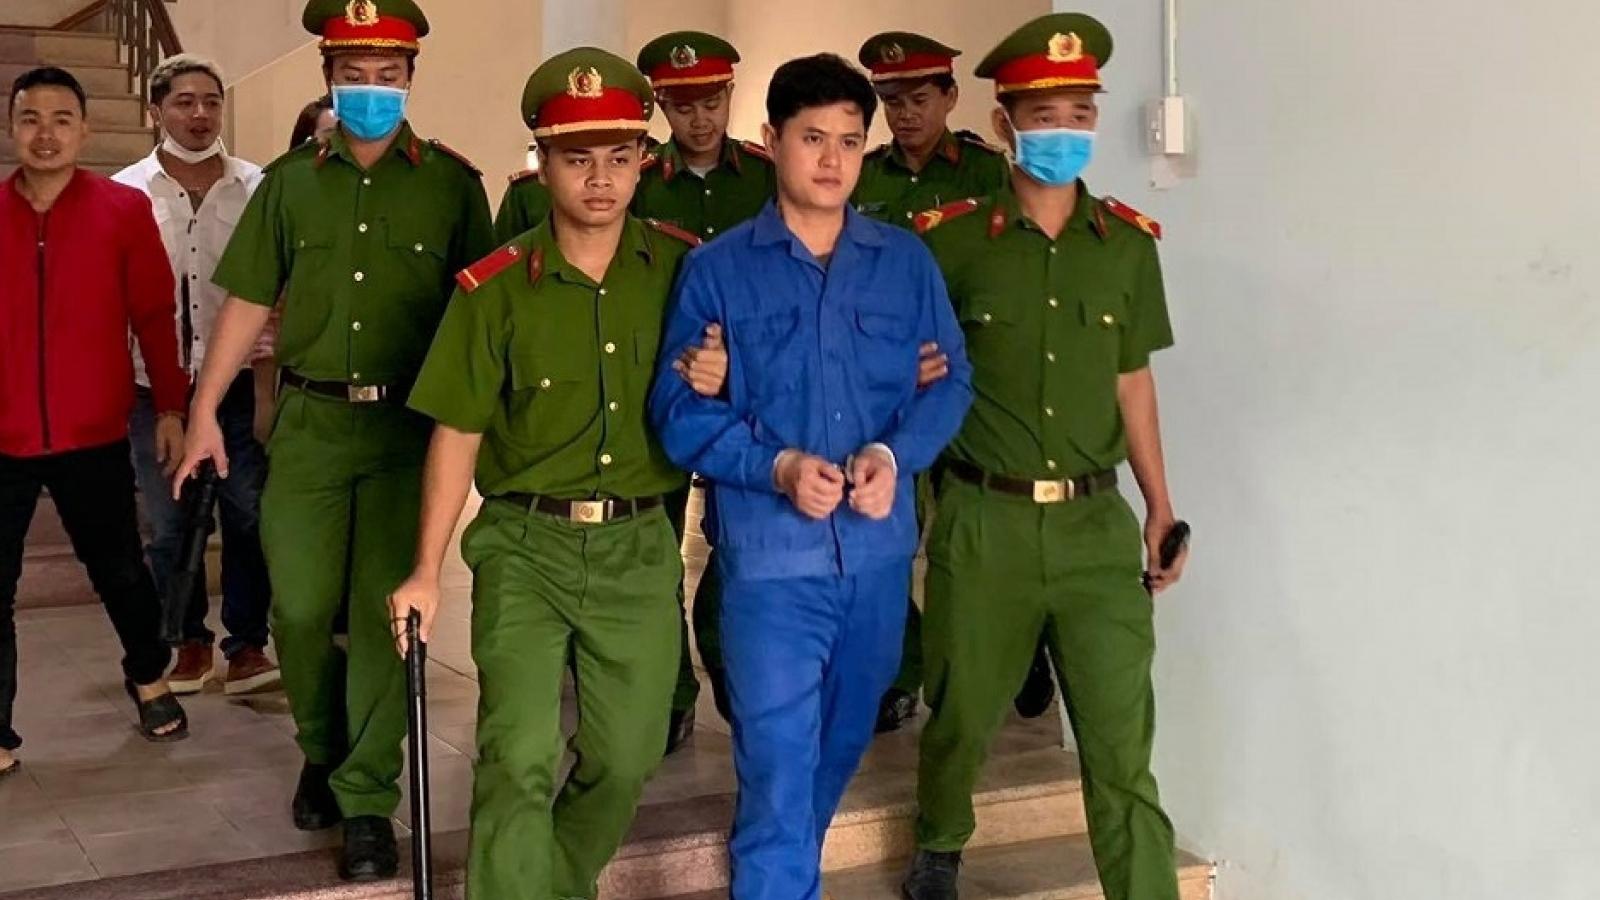 Vụ bác sĩ Lê Quang Huy Phương: Trả hồ sơ điều tra bổ sung chứng cứ, hành vi phạm tội